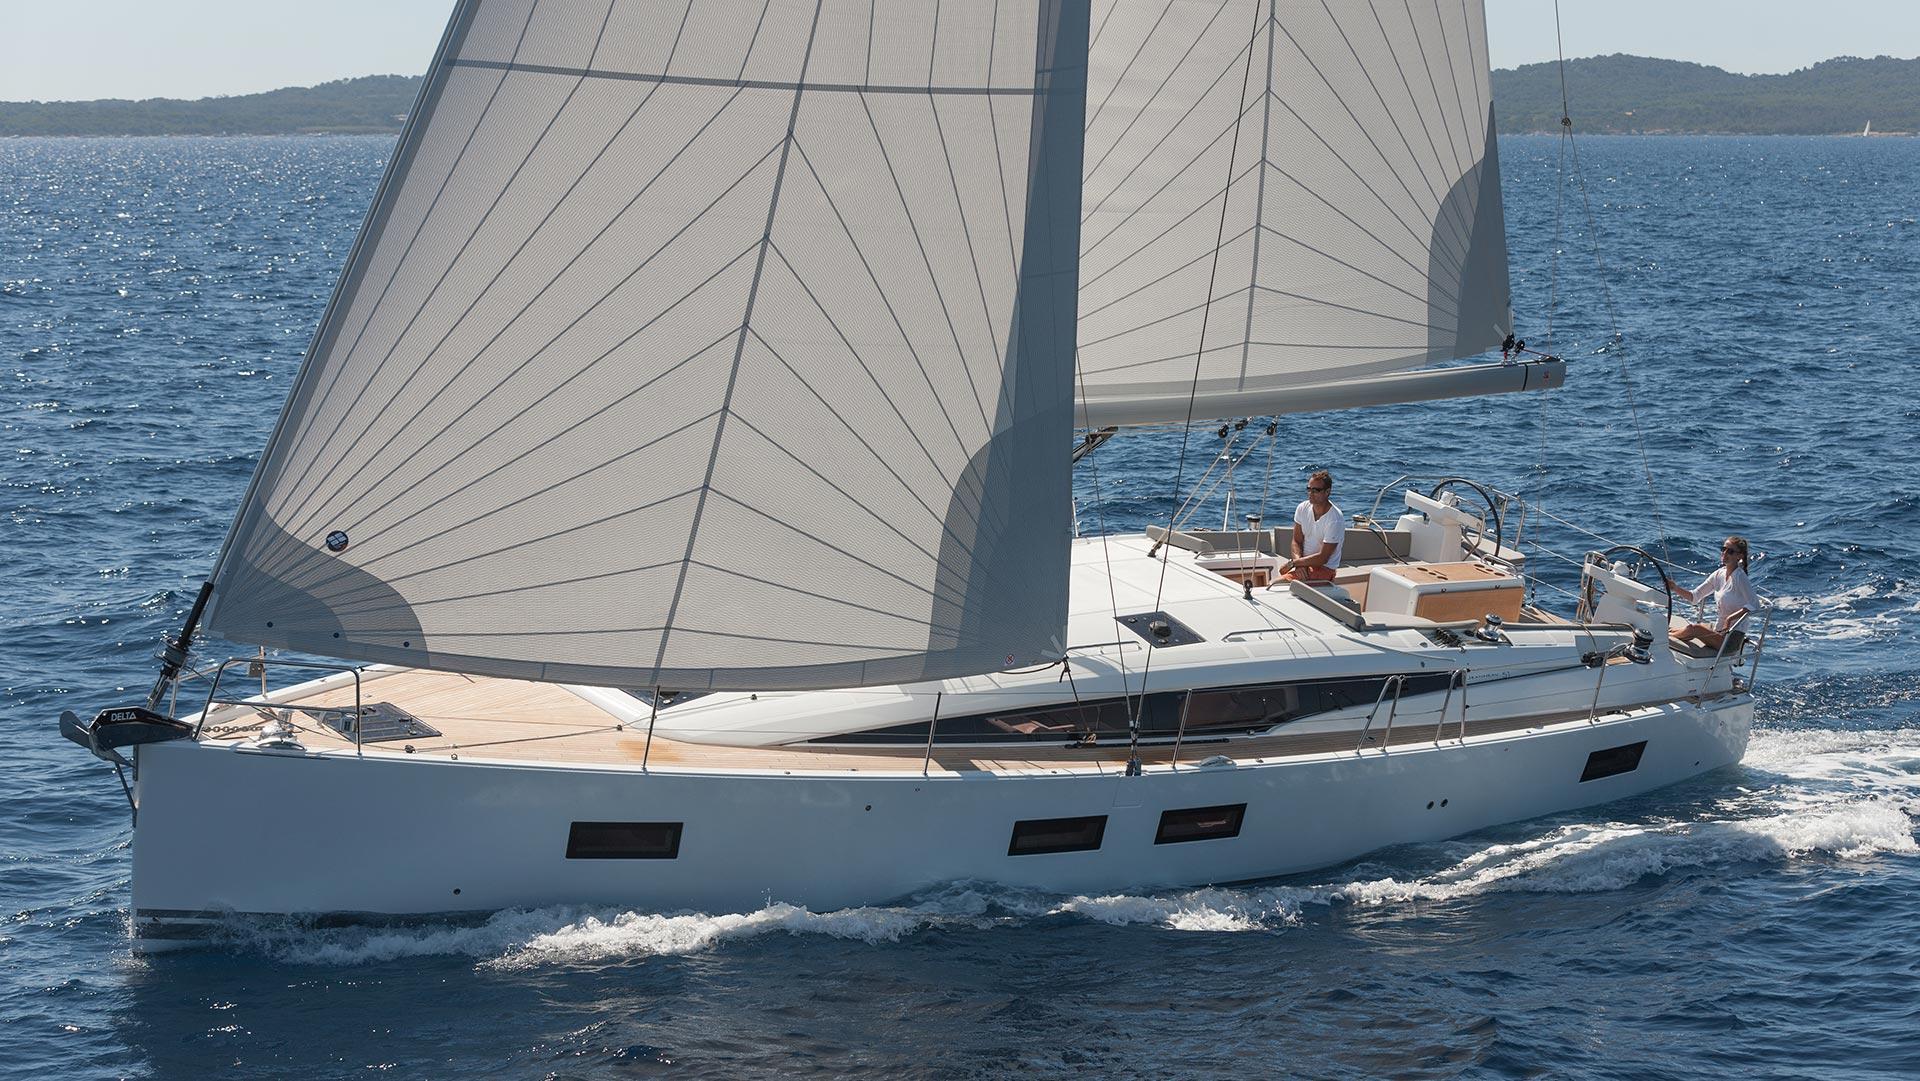 Trend Travel Yachting, Jeanneau Yacht 51. Kaufen oder Chartern beim Charterspezialist. Unter Segeln (6)